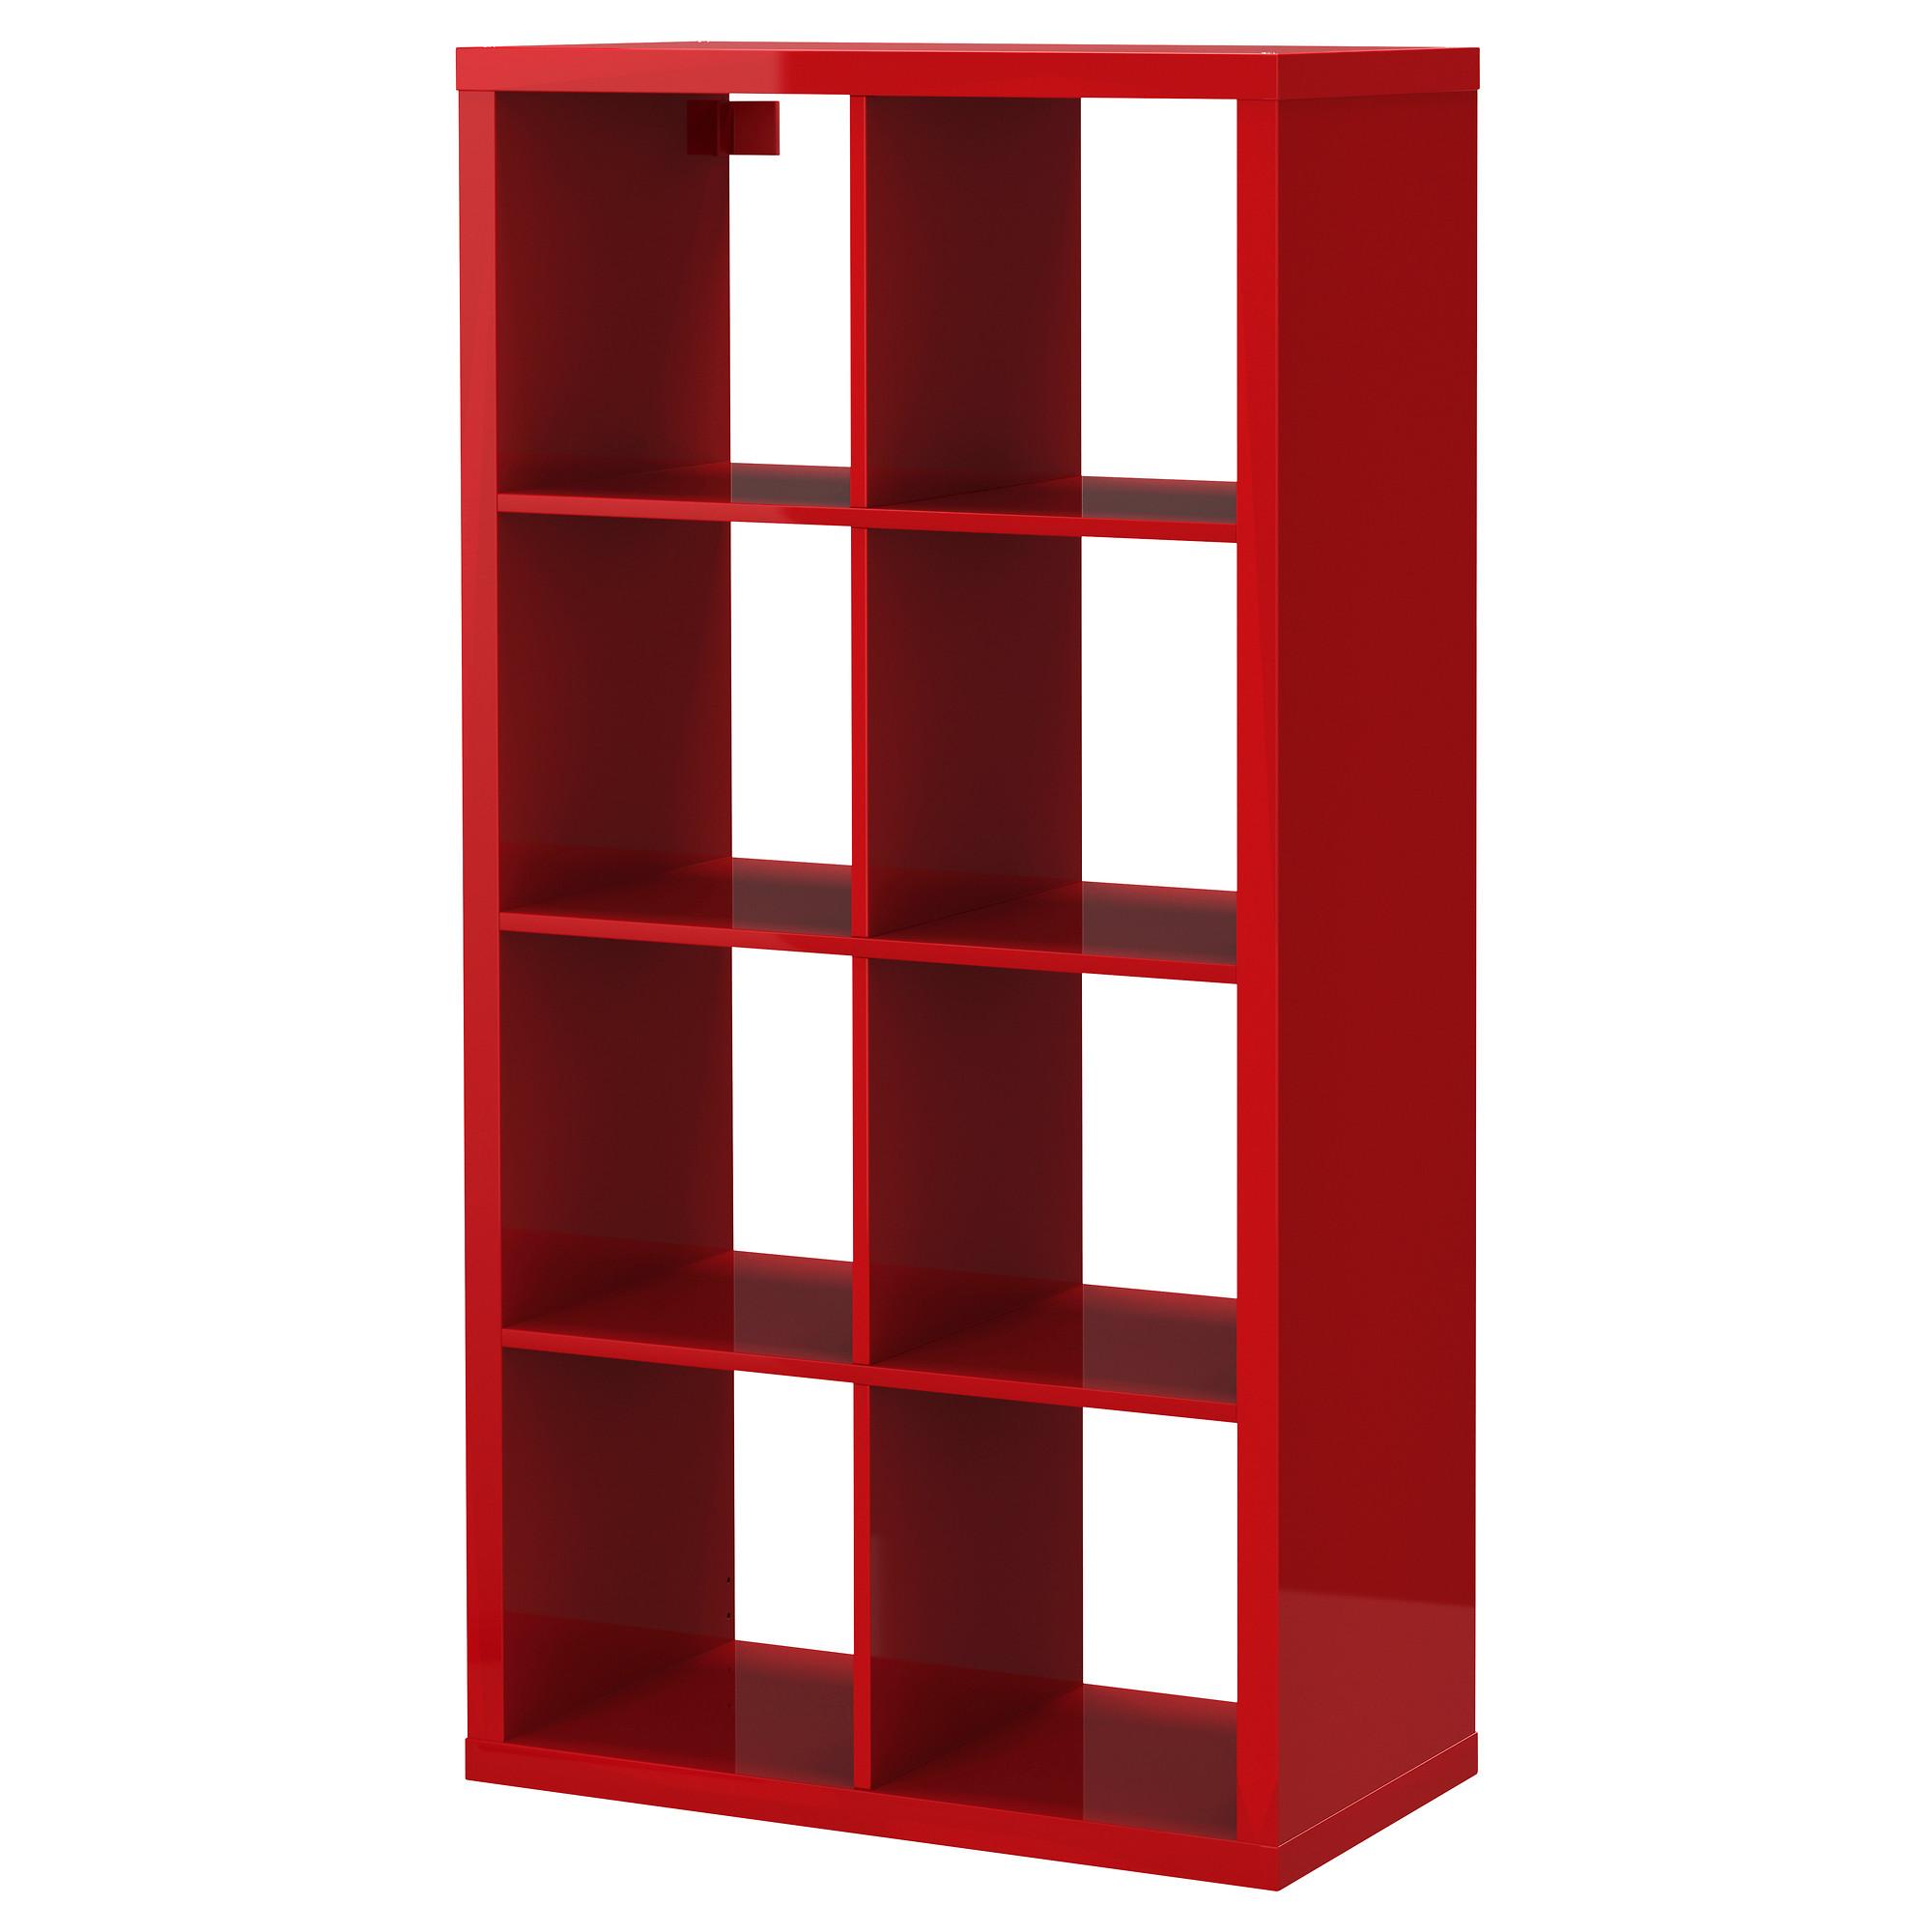 Купить стеллаж каллакс, глянцевый красный в ikea (минск). це.